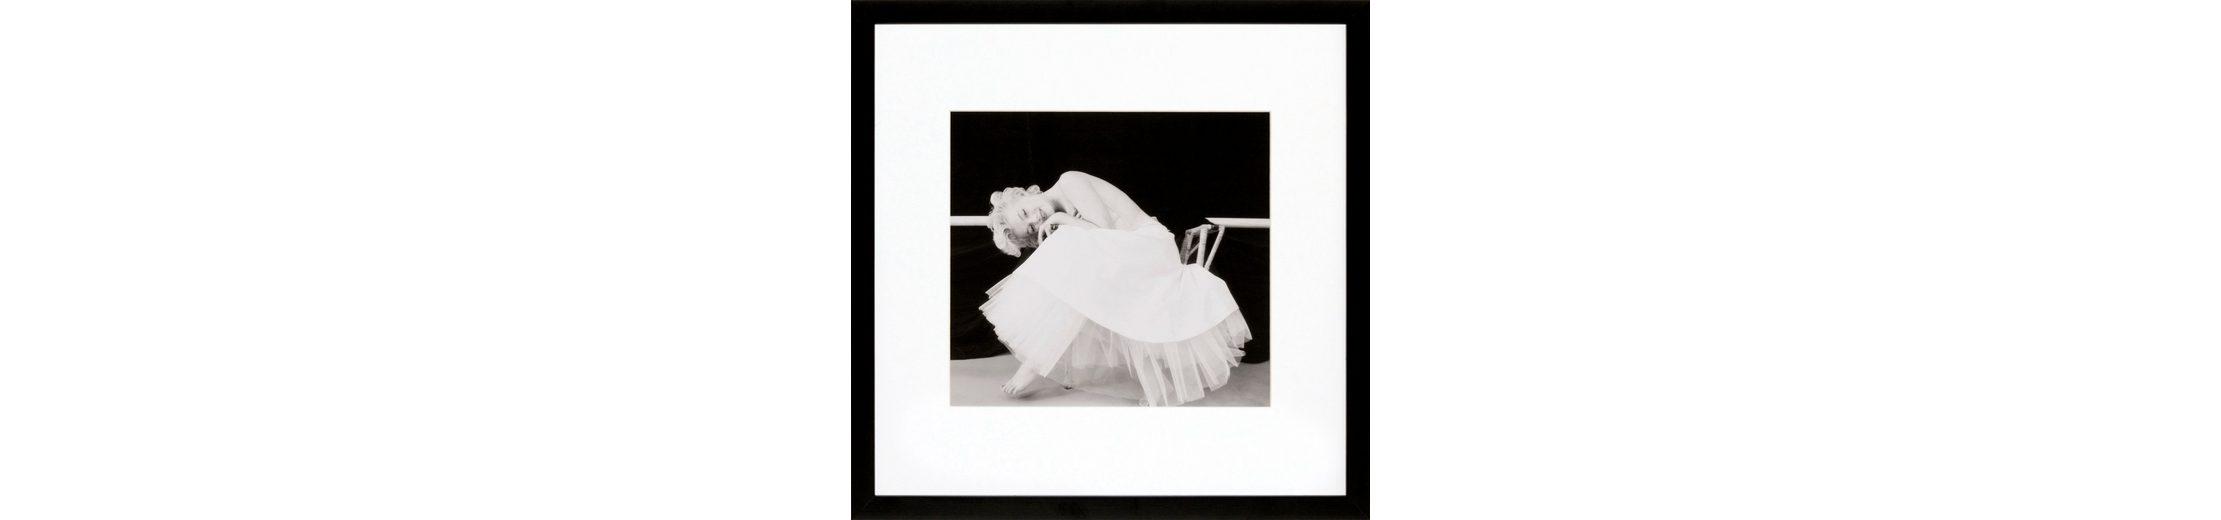 G&C gerahmte Fotografie »Marilyn Monroe Motiv 2«, 40/40 cm